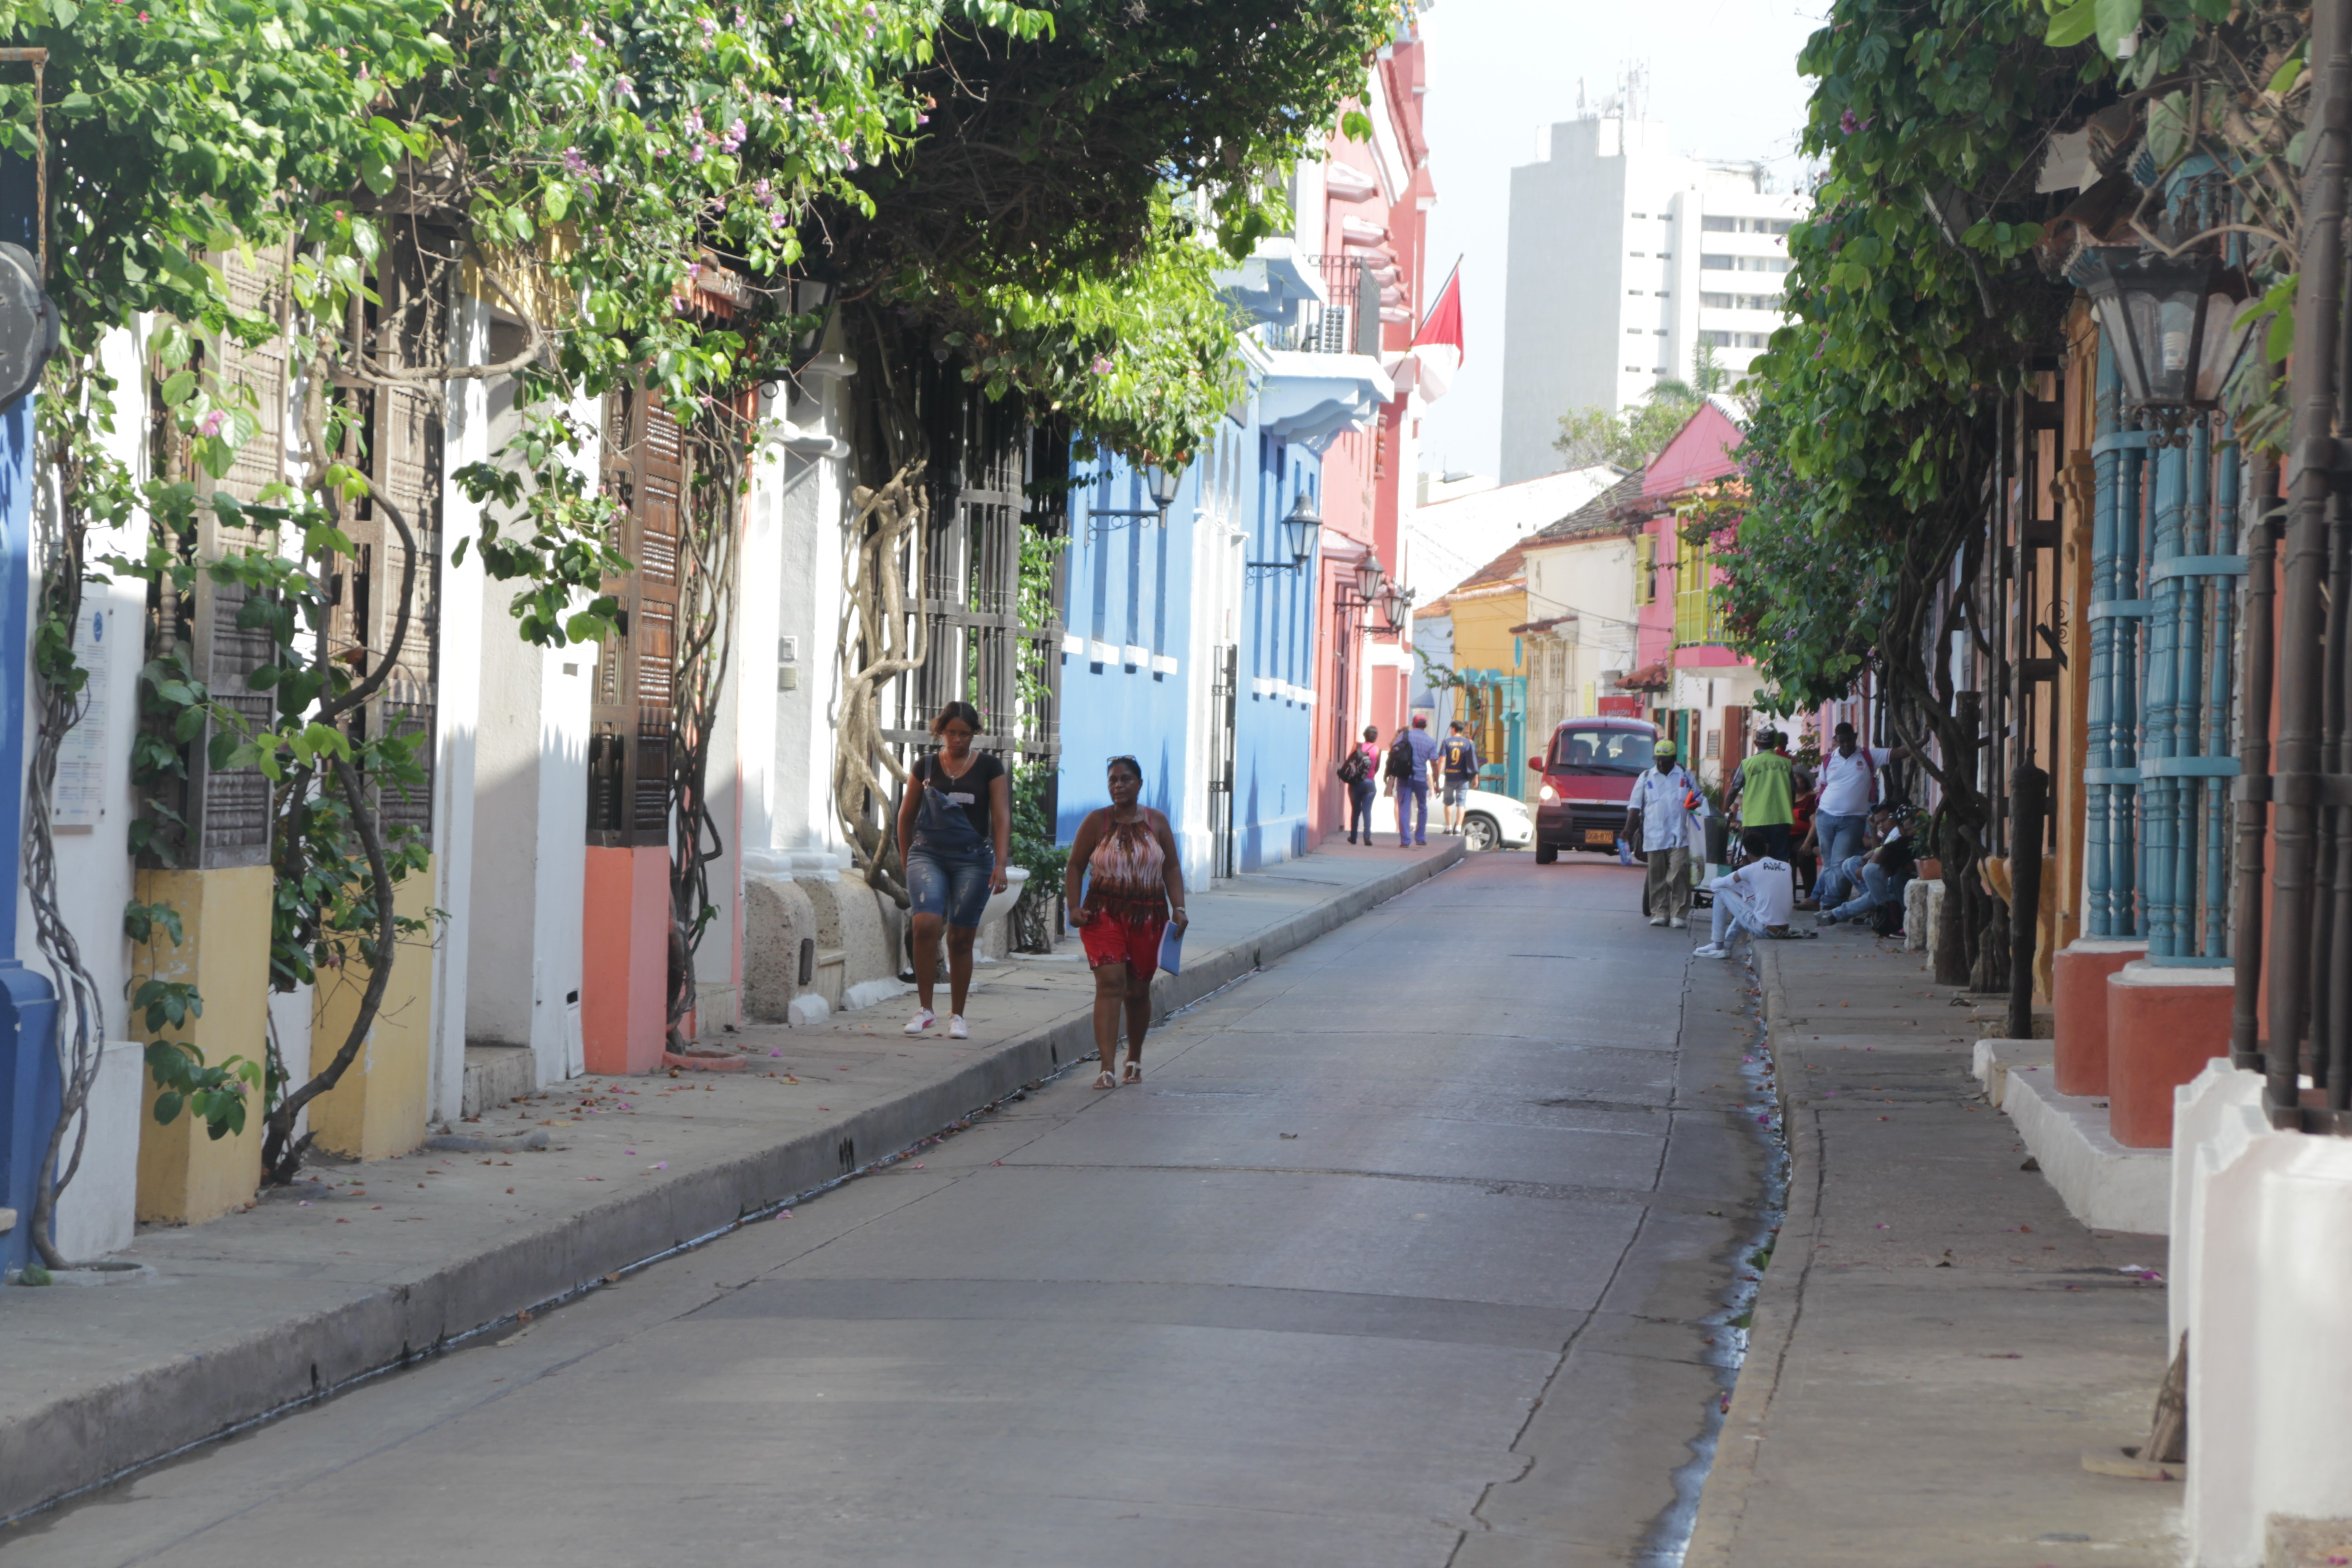 L'héritage colonial espagnol se retrouve sur toutes les façades du centre-ville (© Jérôme Decoster).